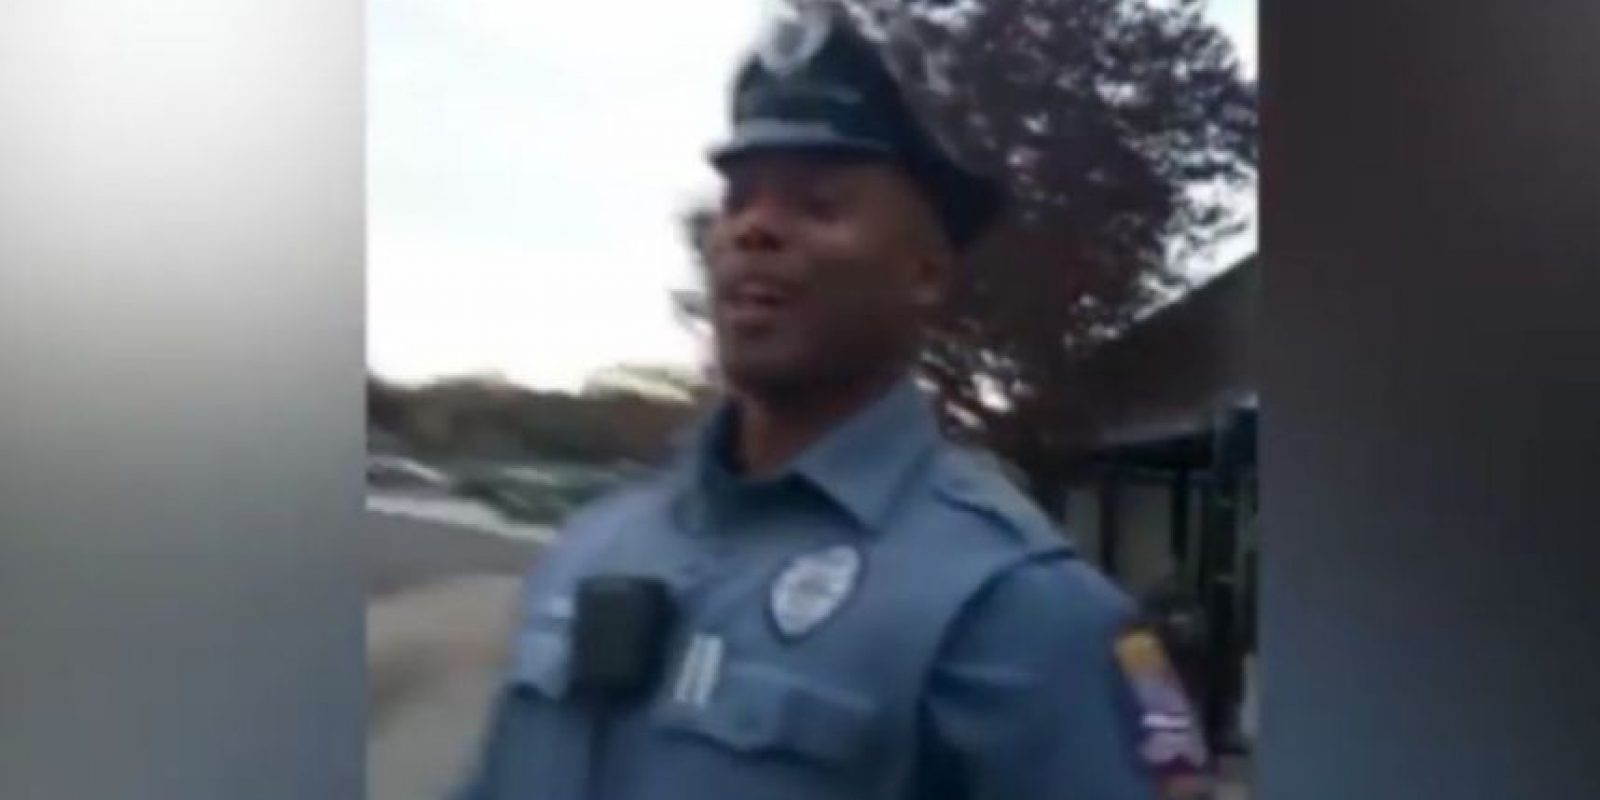 El oficial Kenya Joyner decidió comprarle zapatos a un vagabundo luego que expulsaran al hombre de un autobús. Foto:Vía Youtube